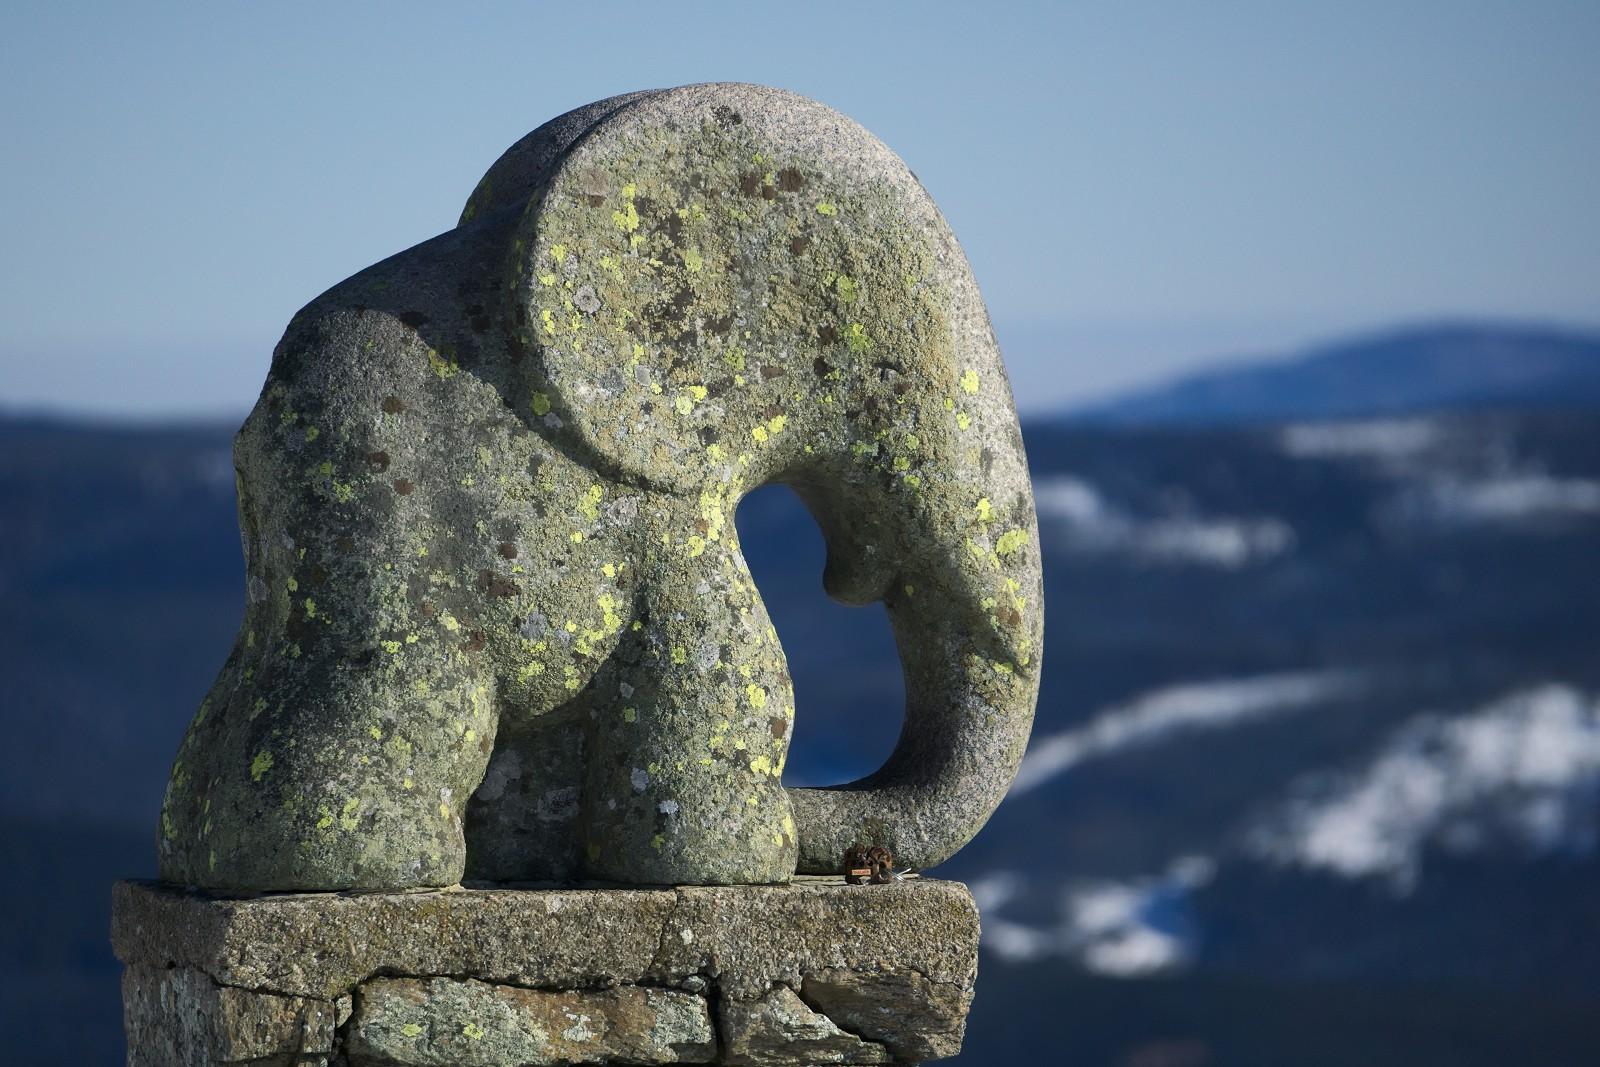 Kousek pod vrcholem je socha Slůněte